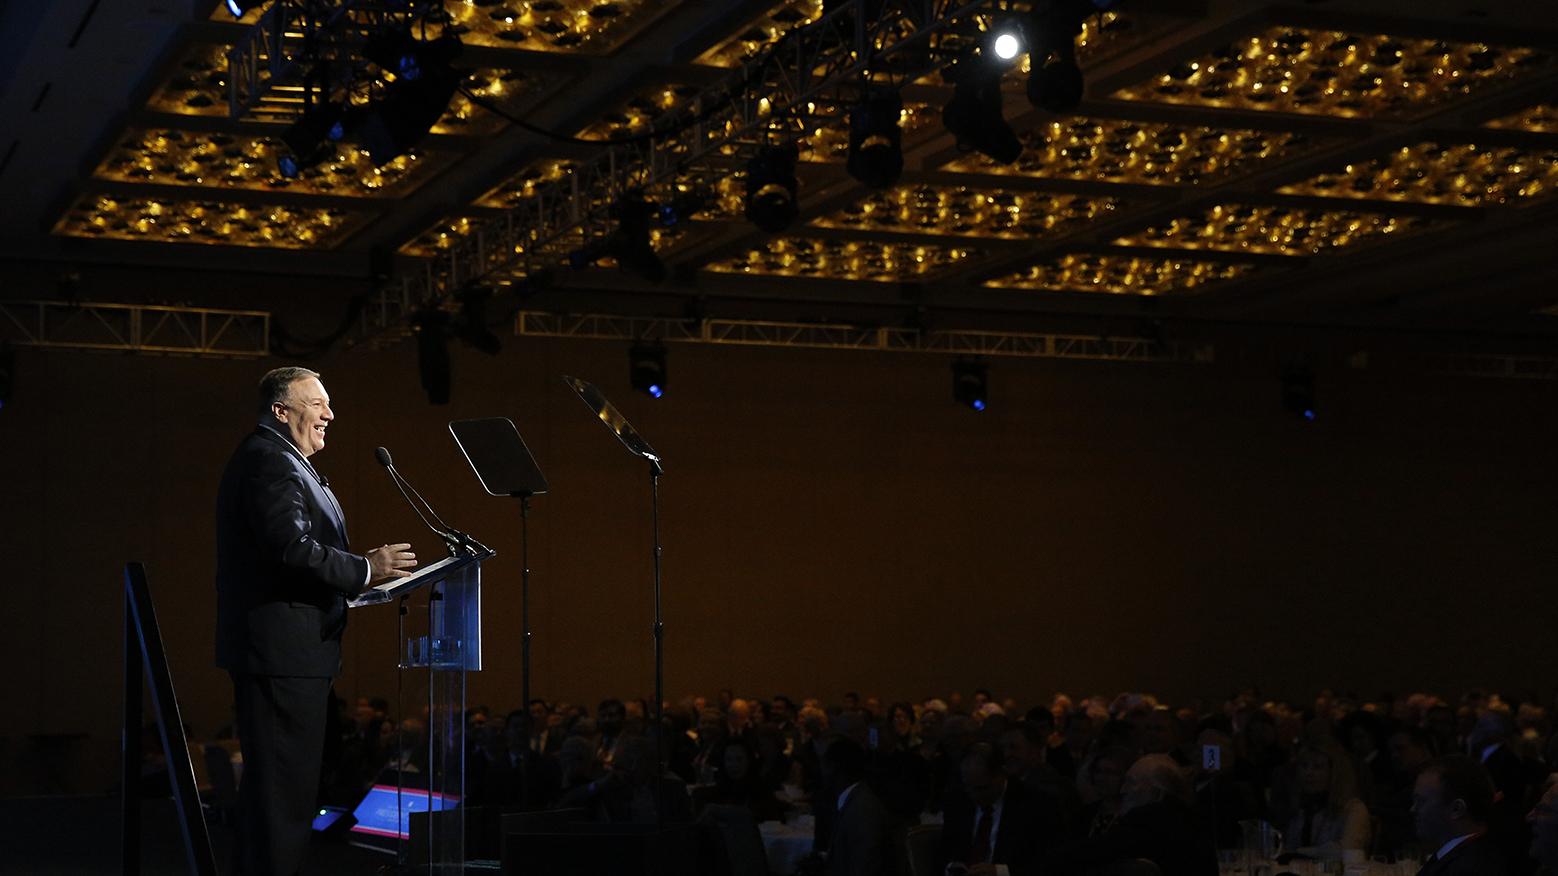 美国国务卿蓬佩奥22日在华府智库传统基金会总裁年度会议开幕式上致词批评,中国以胁迫及贪腐治国。(美联社)